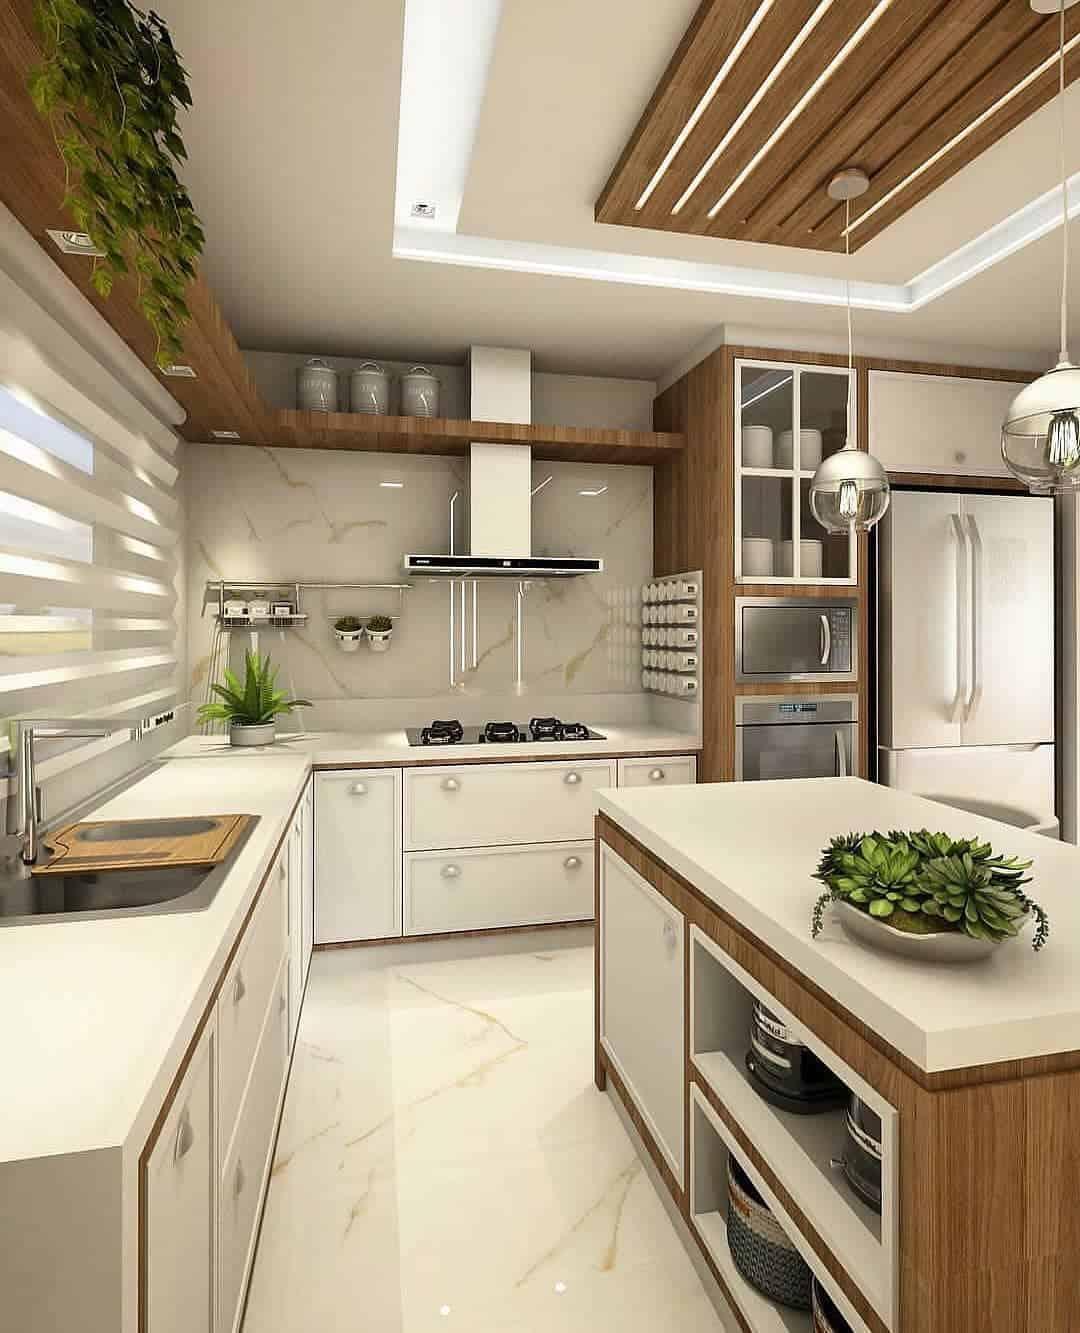 Modern Kitchens 2020: Cottage Style Kitchen Ideas (35 Photos) on Kitchen Remodel Modern  id=20433